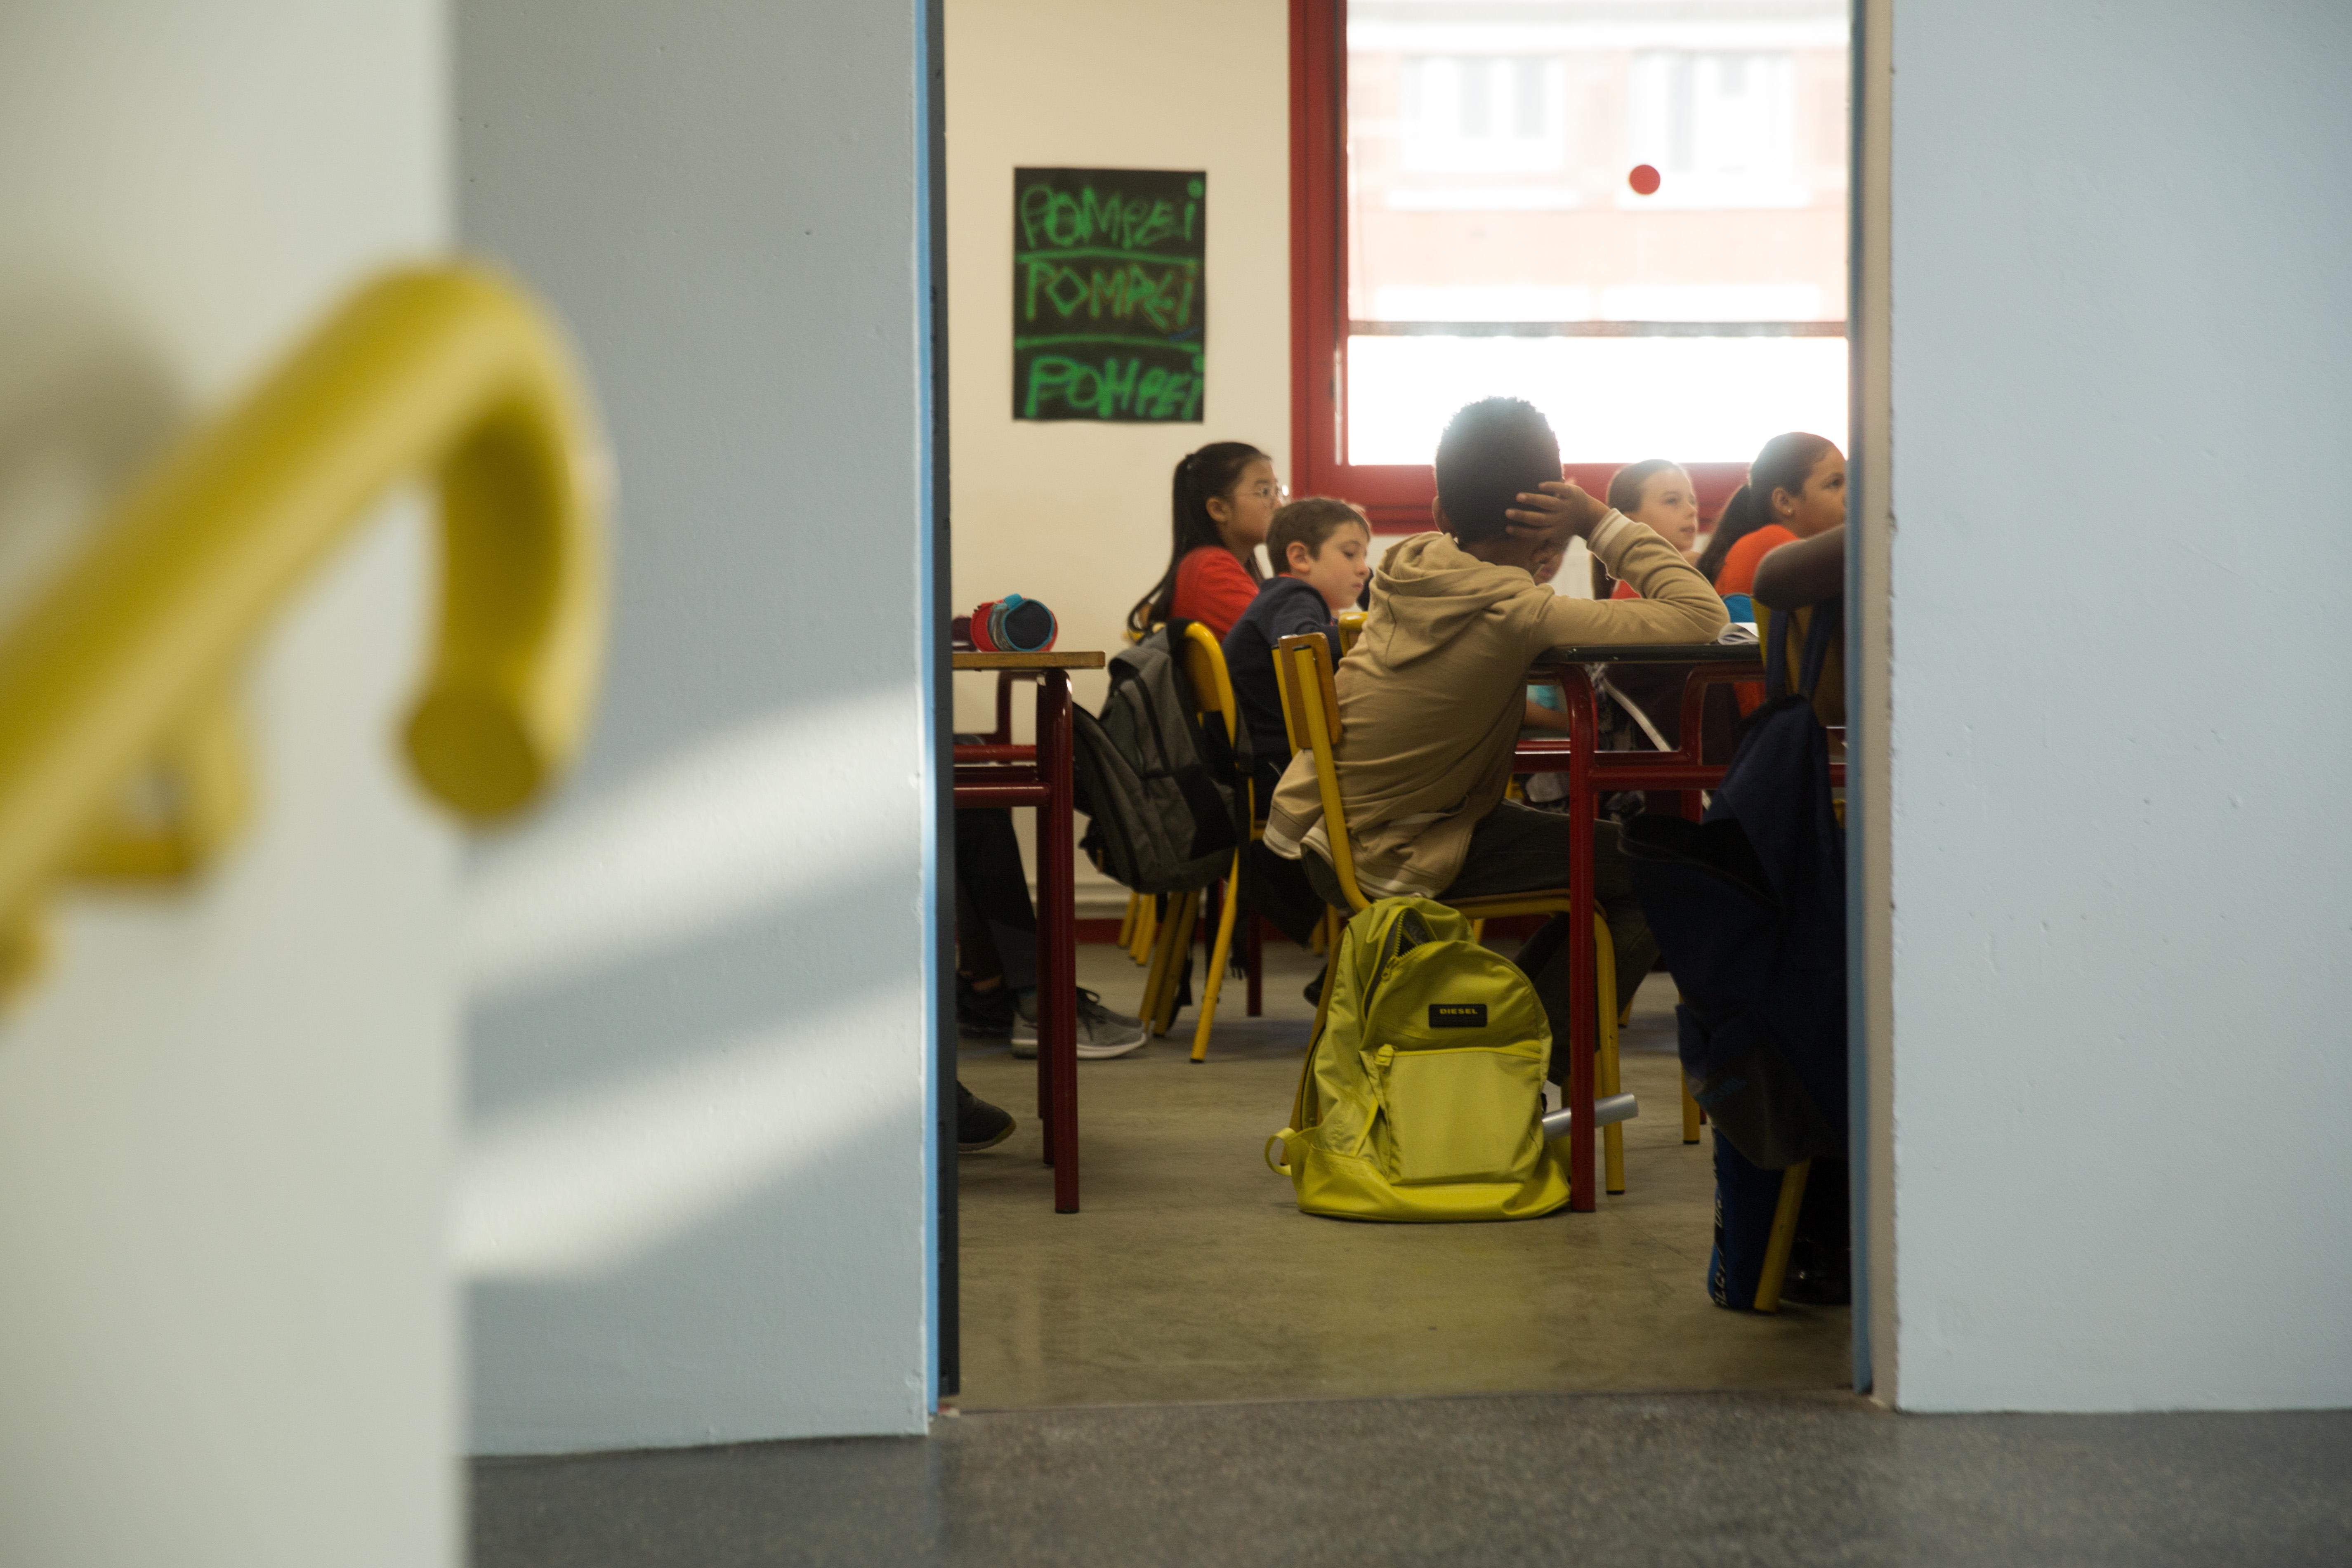 Classe de collège vue depuis le haut d'un escalier via une porte ouverte